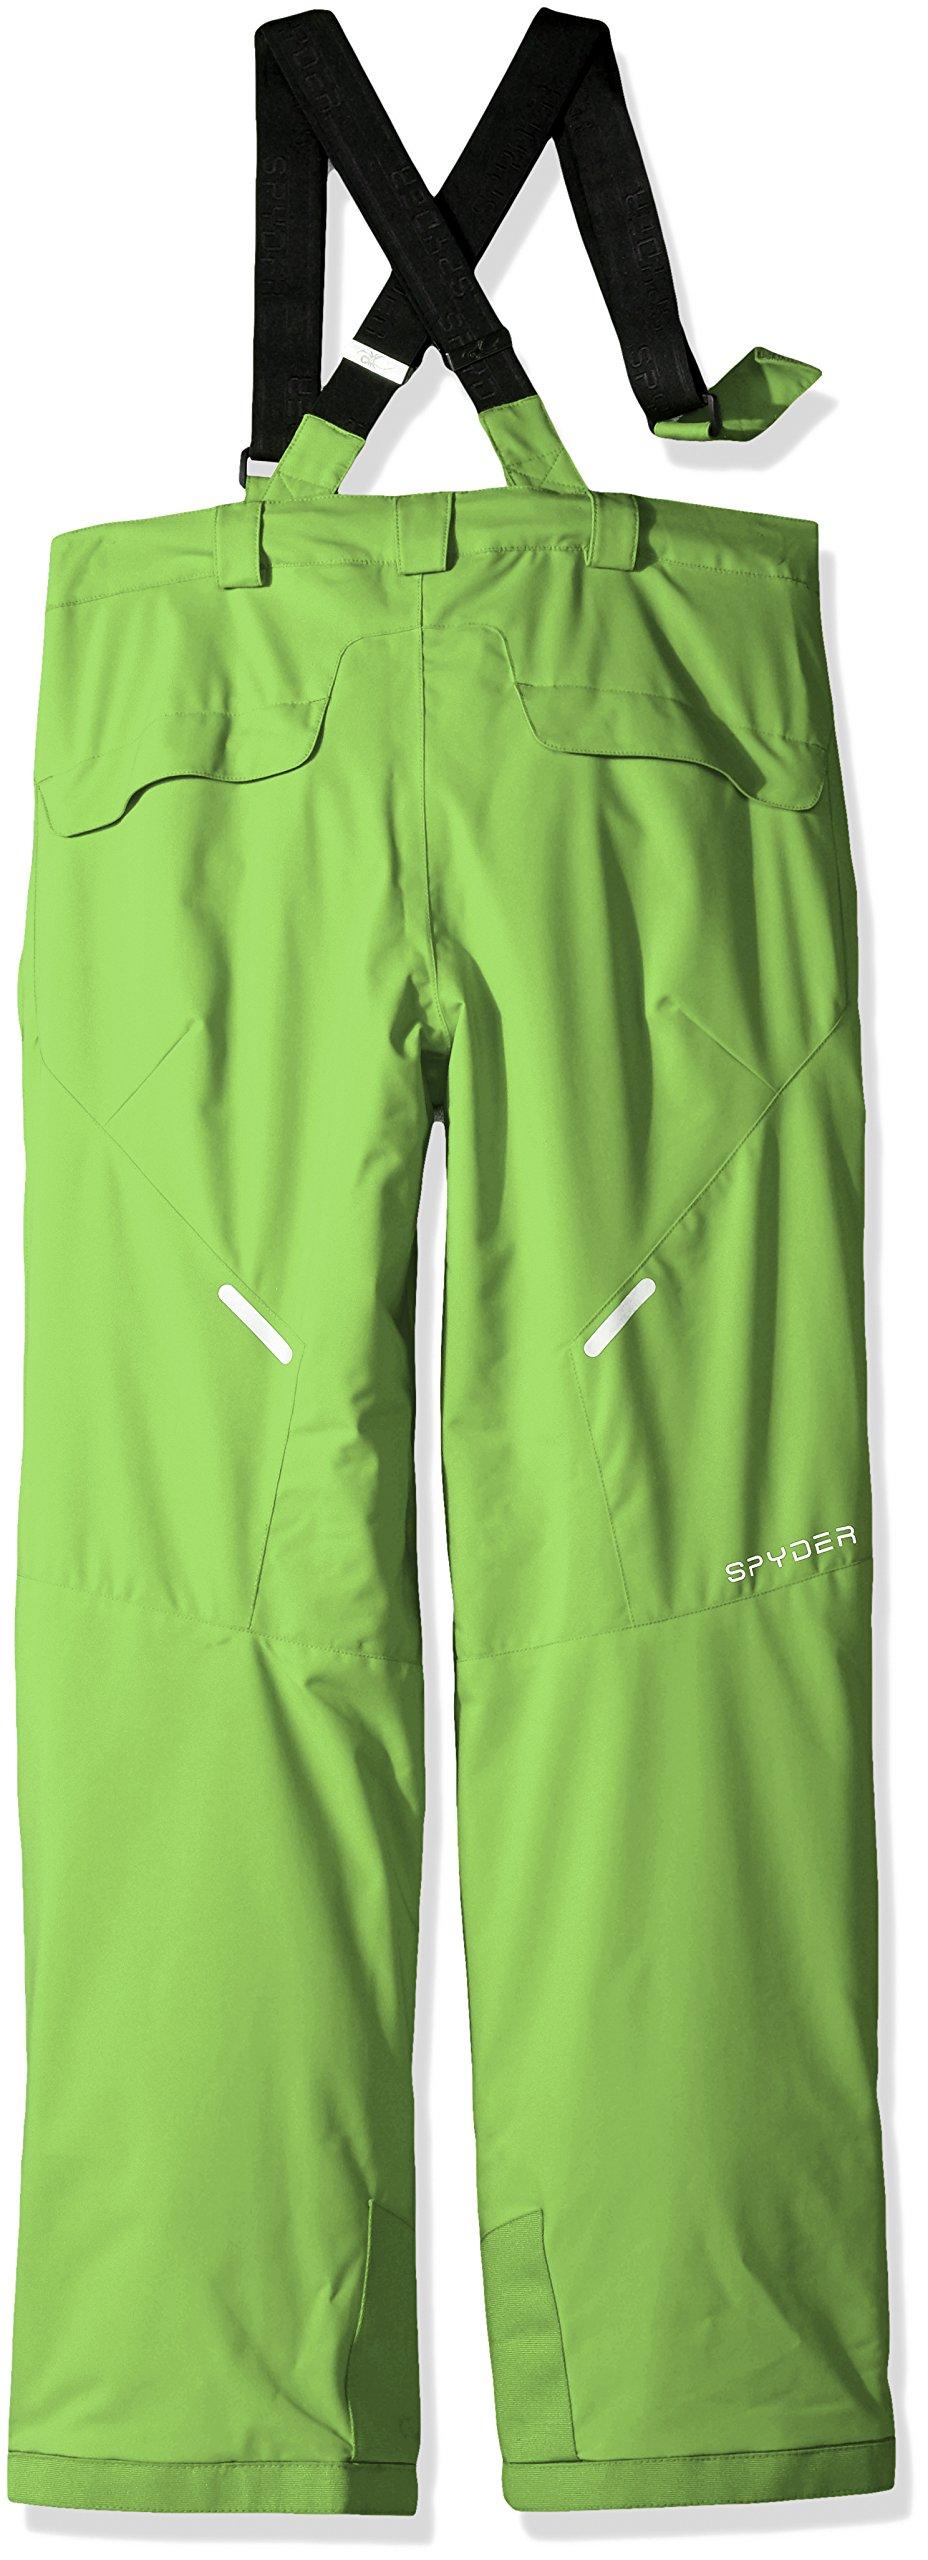 Spyder Boy's Propulsion Ski Pant, Fresh, Size 18 by Spyder (Image #2)